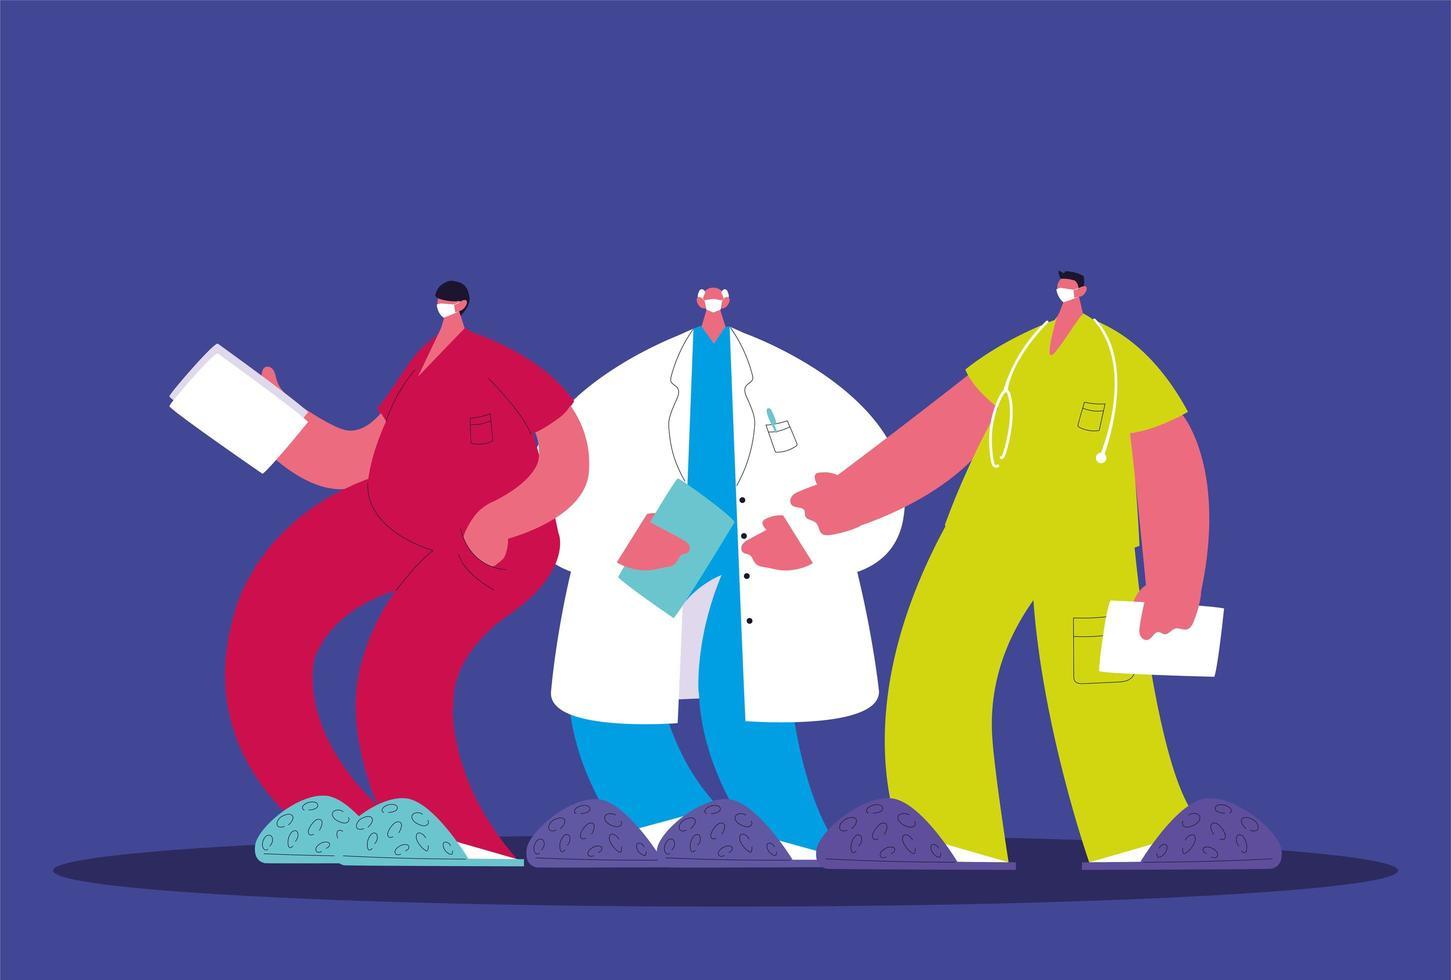 médicos varones de pie. equipo médico vector